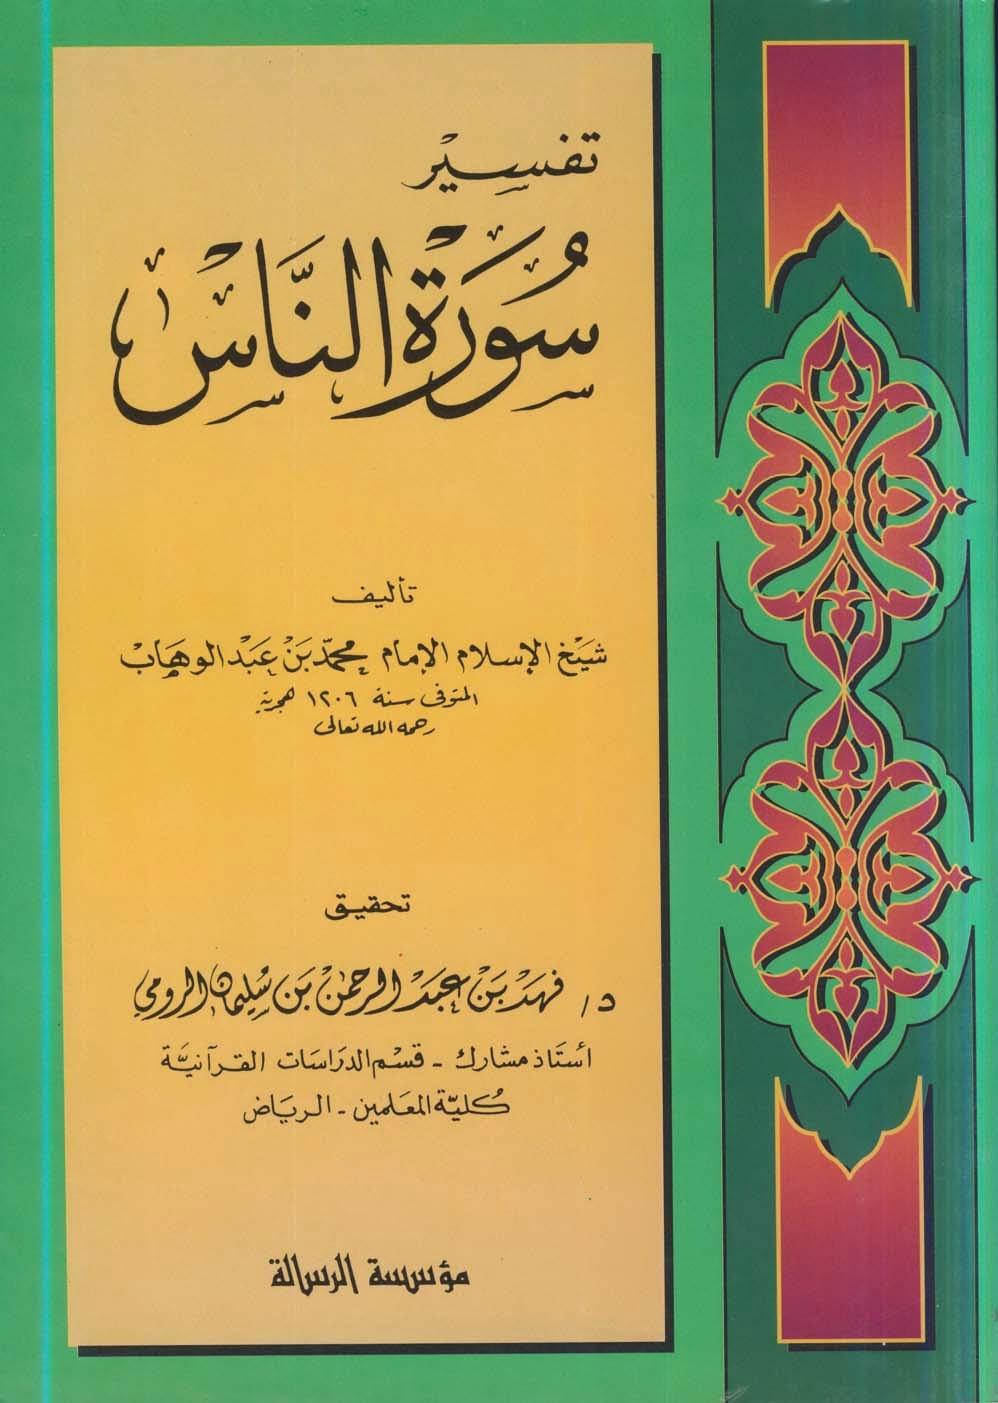 تفسير سورة الناس - محمد بن عبد الوهاب pdf